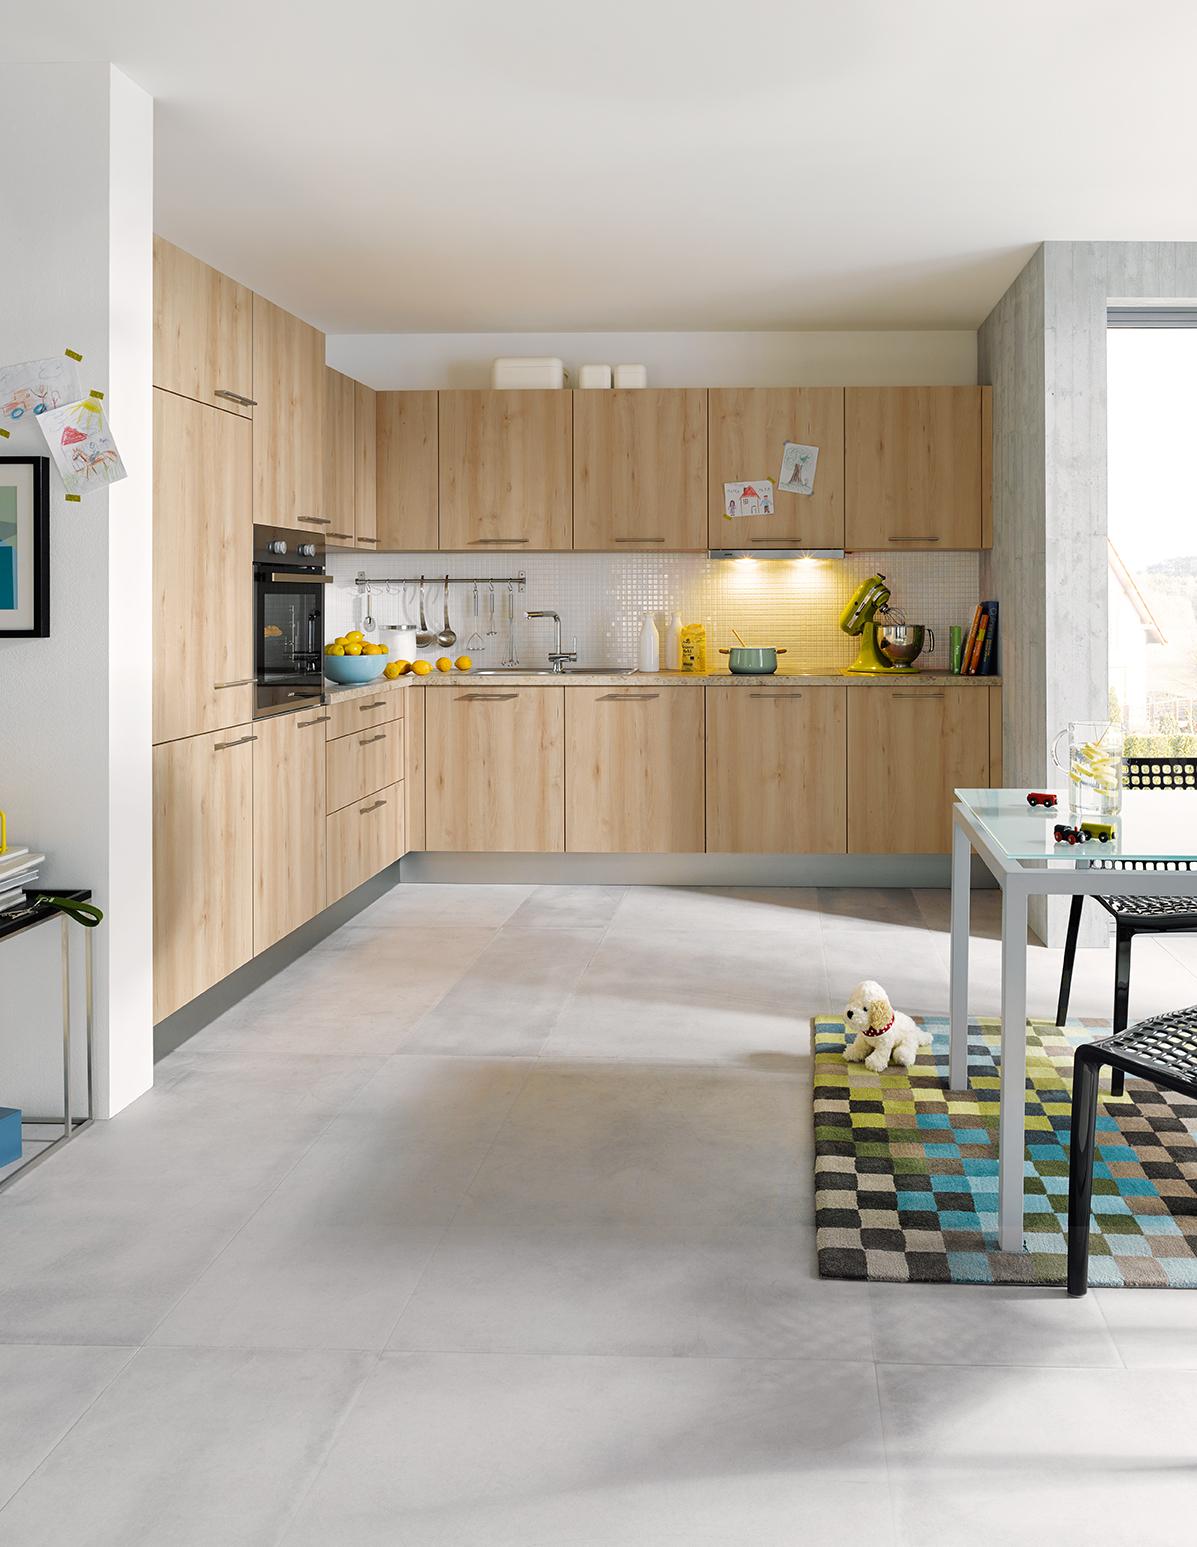 Full Size of Holzkchen So Wird Ihre Kche Zum Wohlfhlort Vollholzküche Küche Vollholzküche